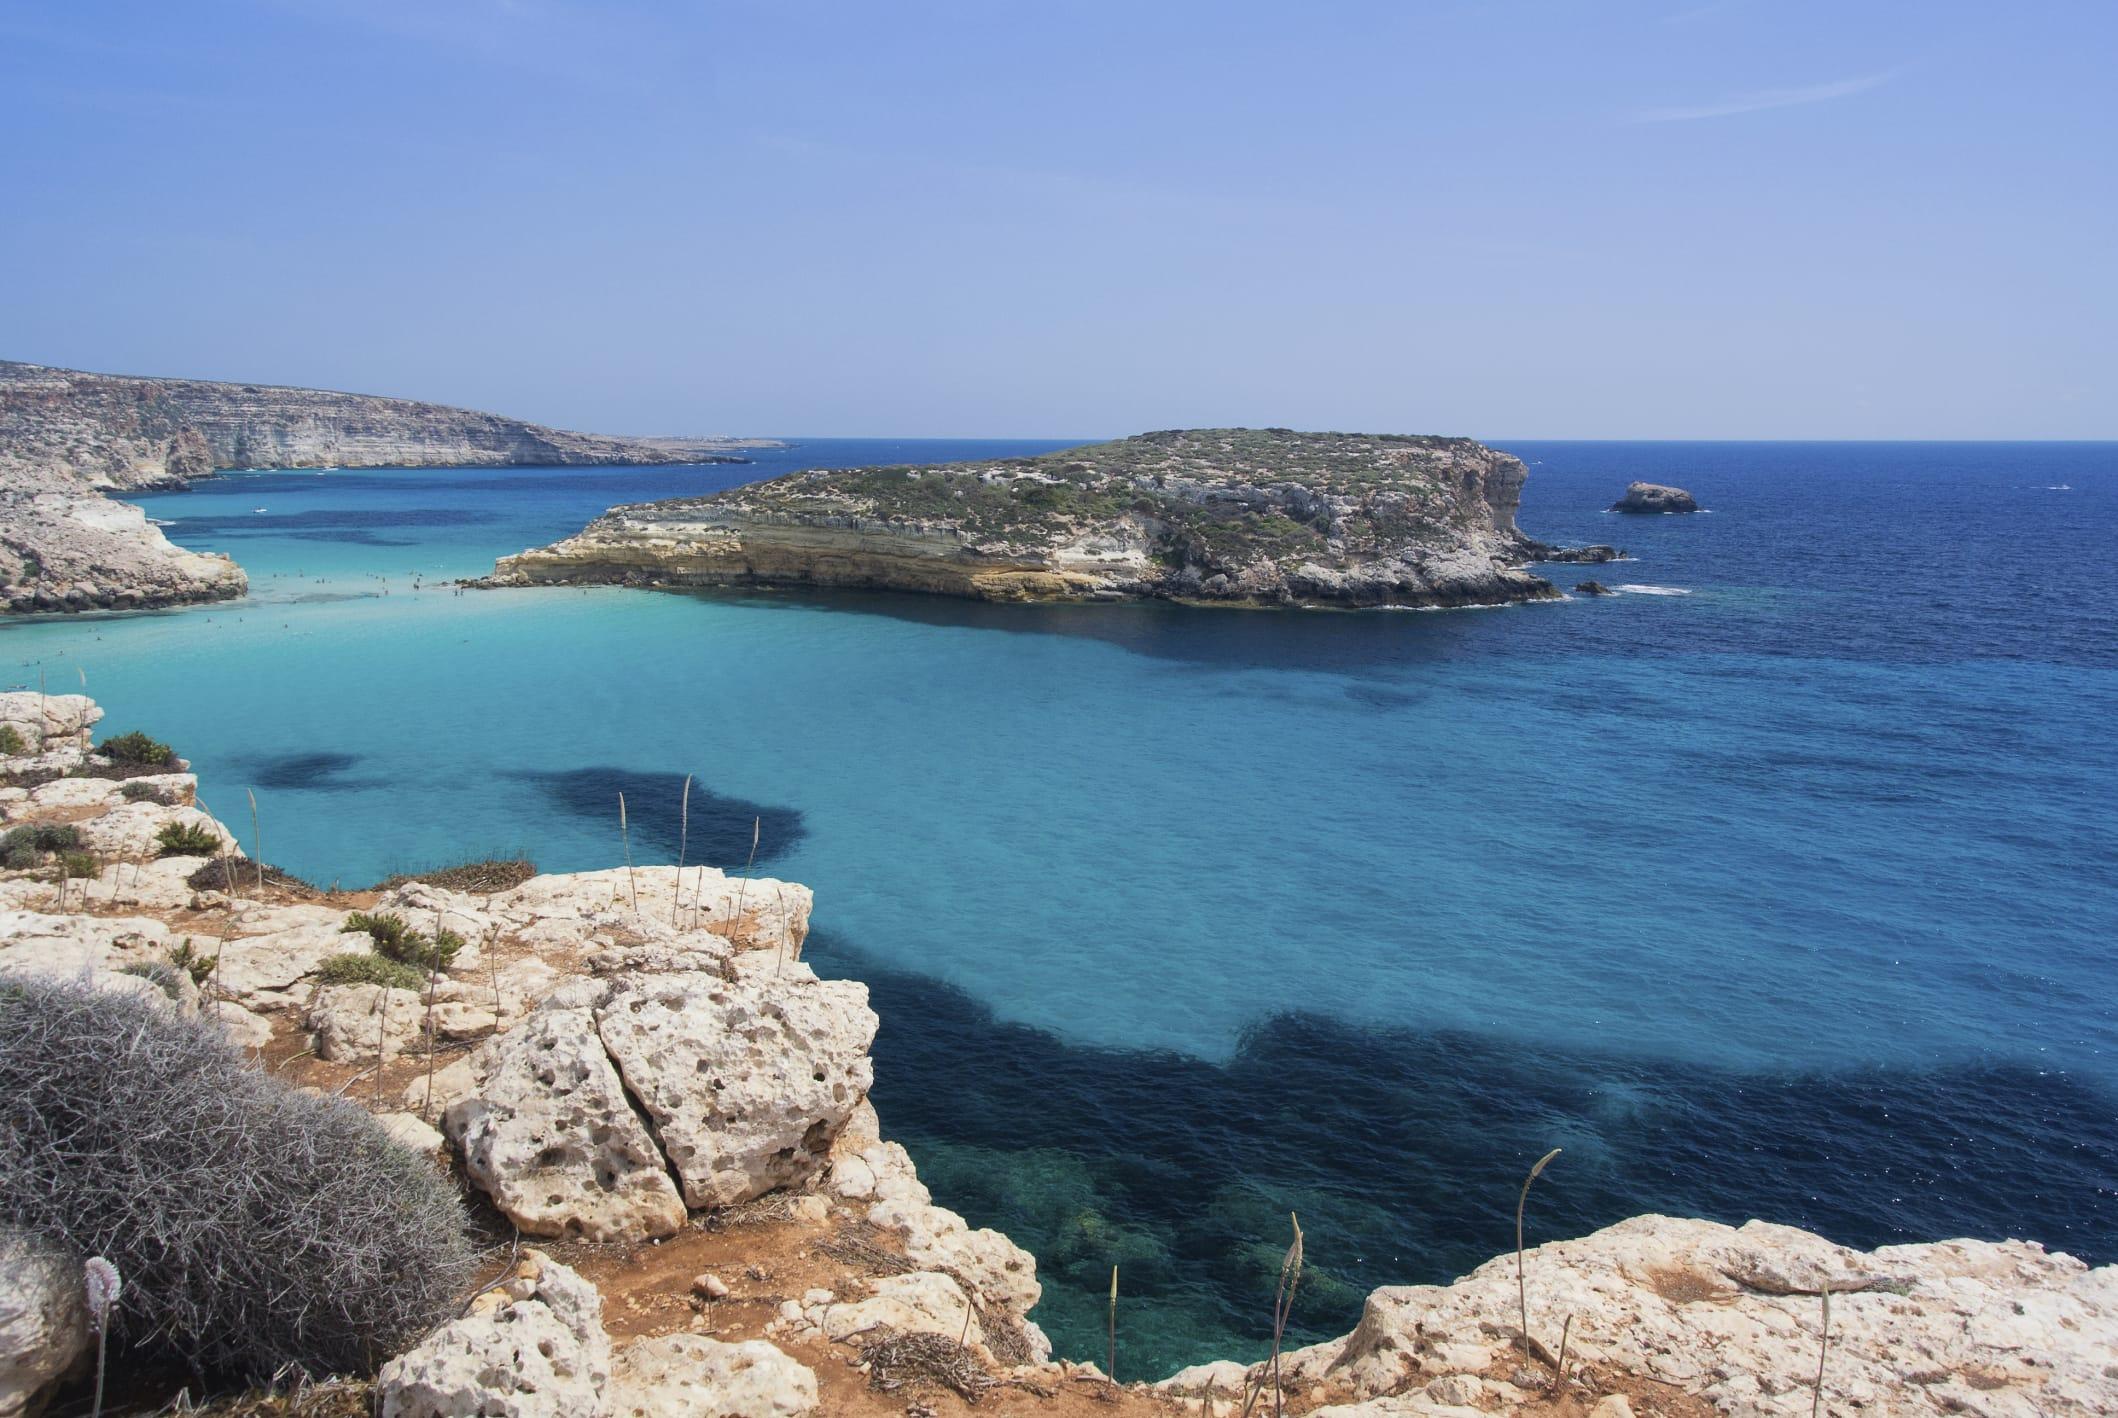 Recupero rifiuti pericolosi: l'isola ecologica del porto di Lampedusa